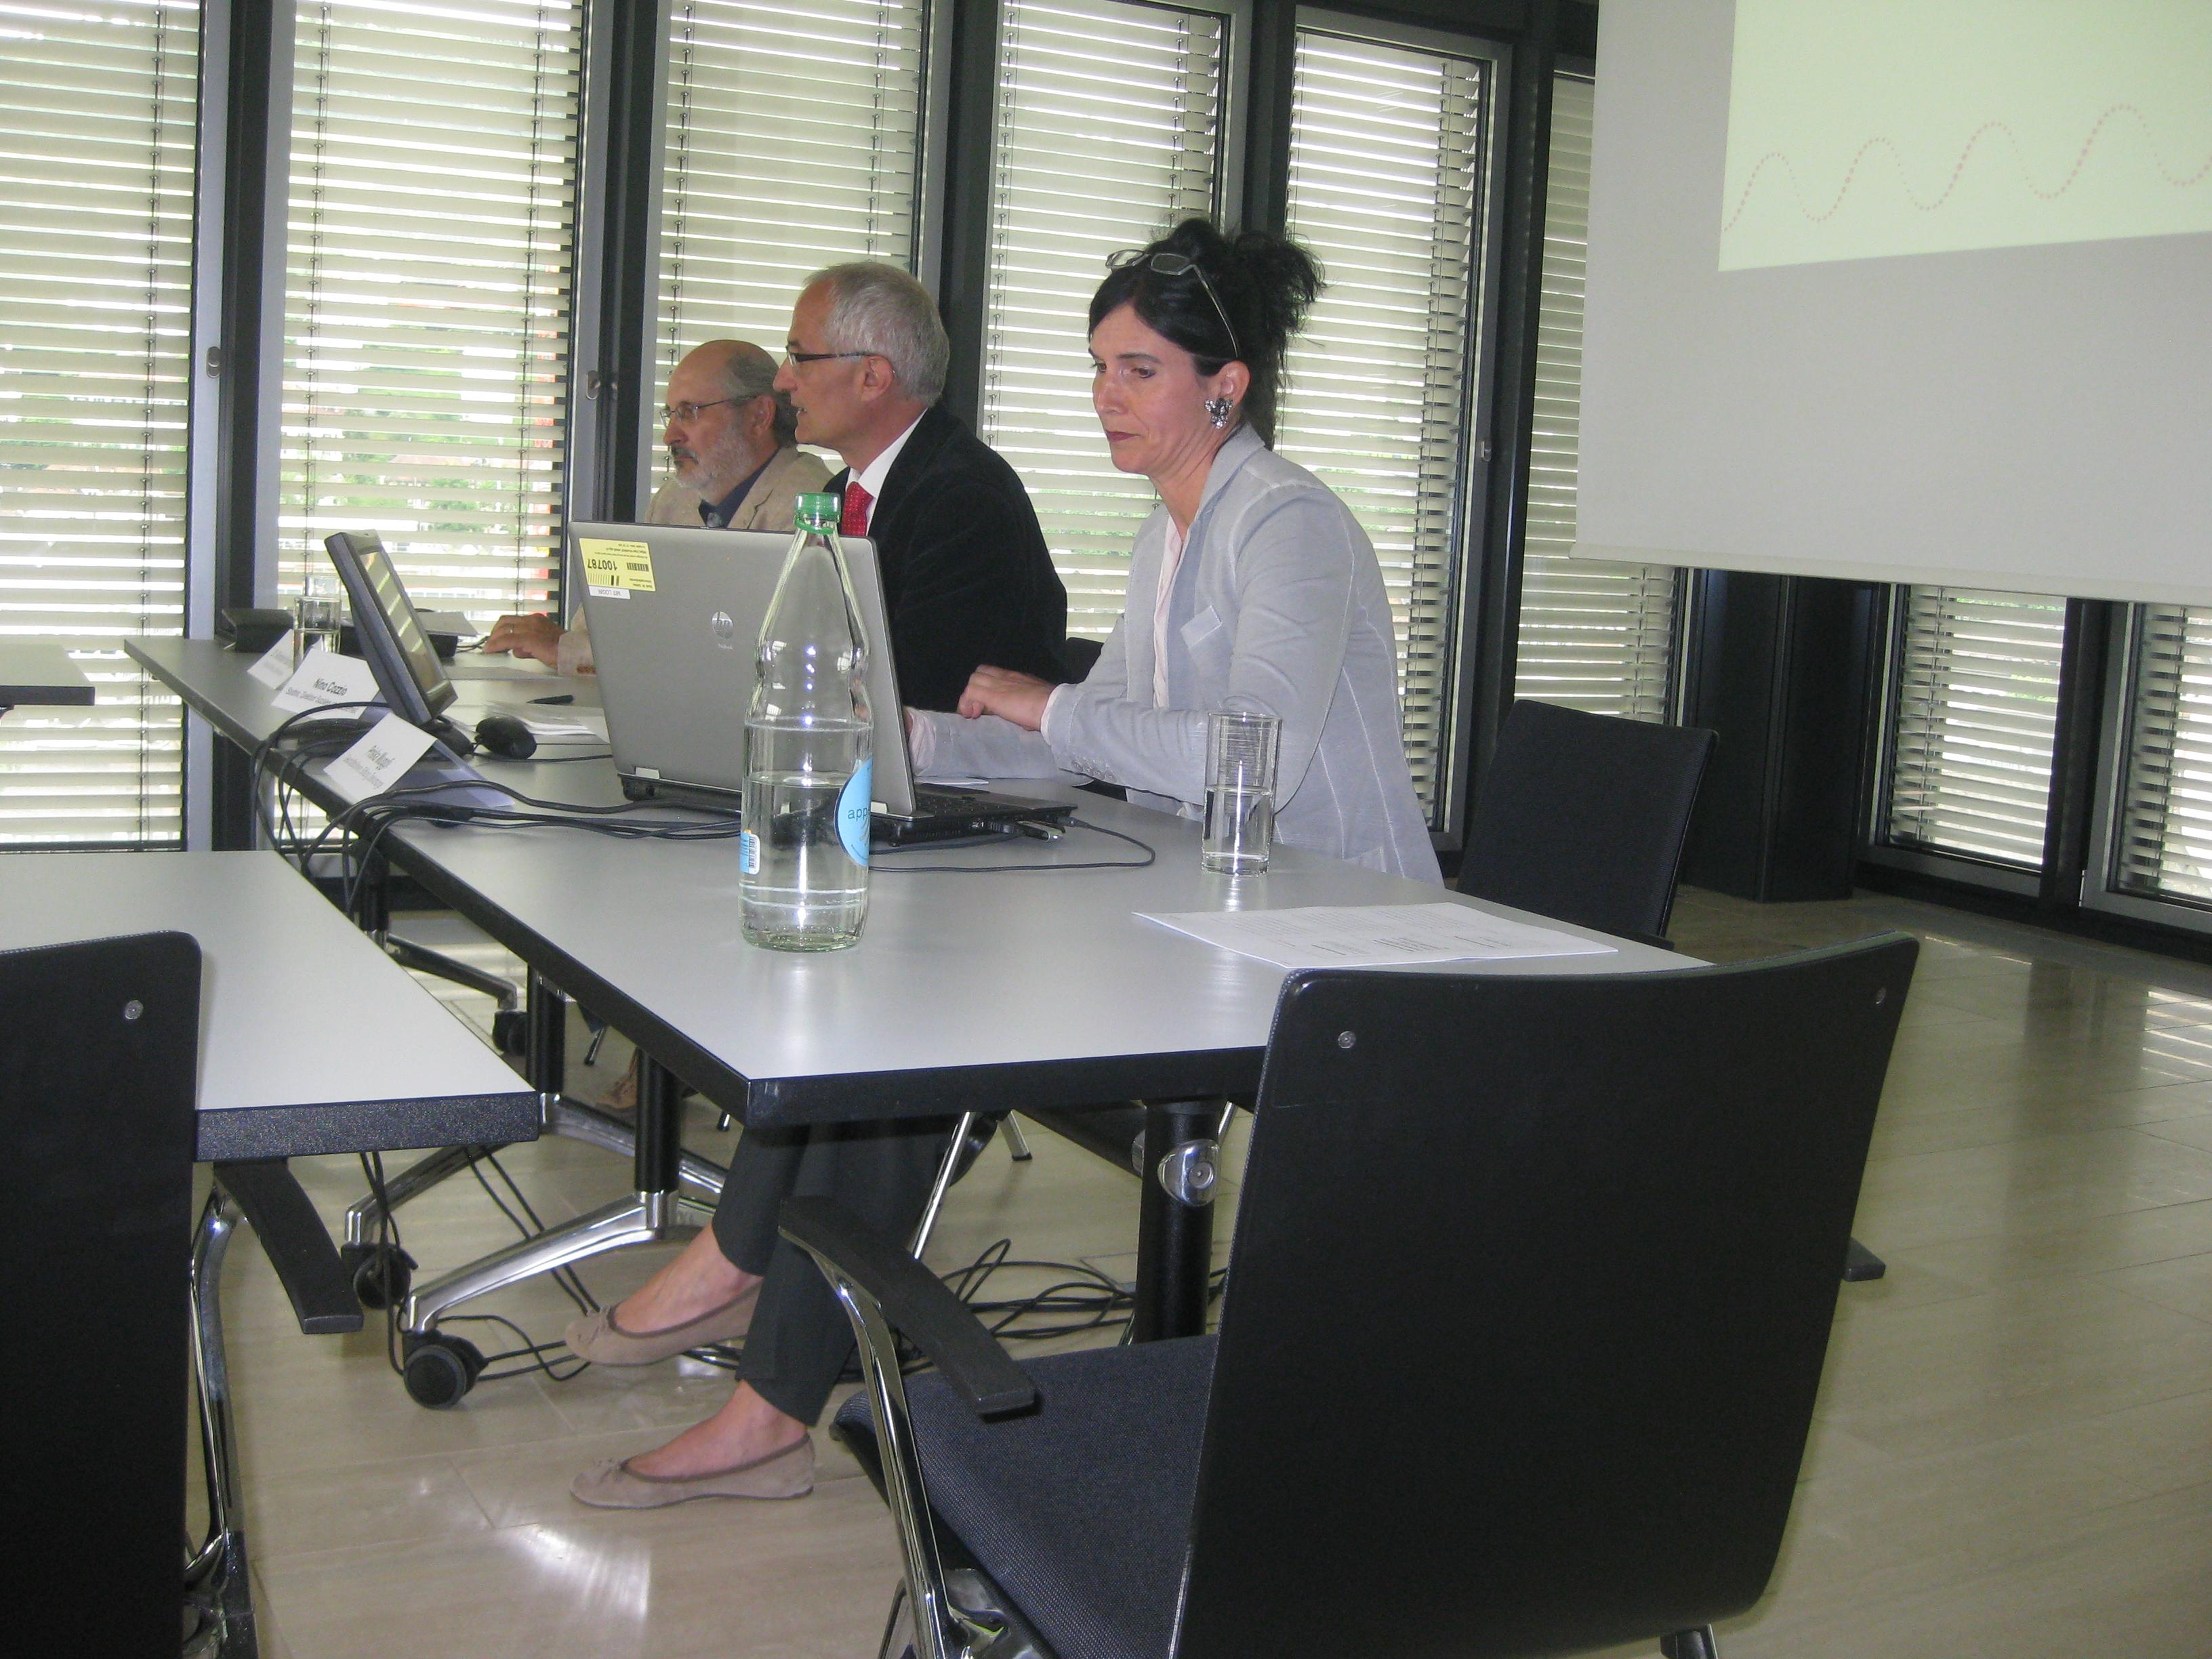 Medienkonferenz im St. Galler Rathaus. Von rechts nach links: Geschäftsführerin Prisma Muggli, Stadtrat Nina Cozzio und Stiftungs-Präsident Reinhold Harringer.